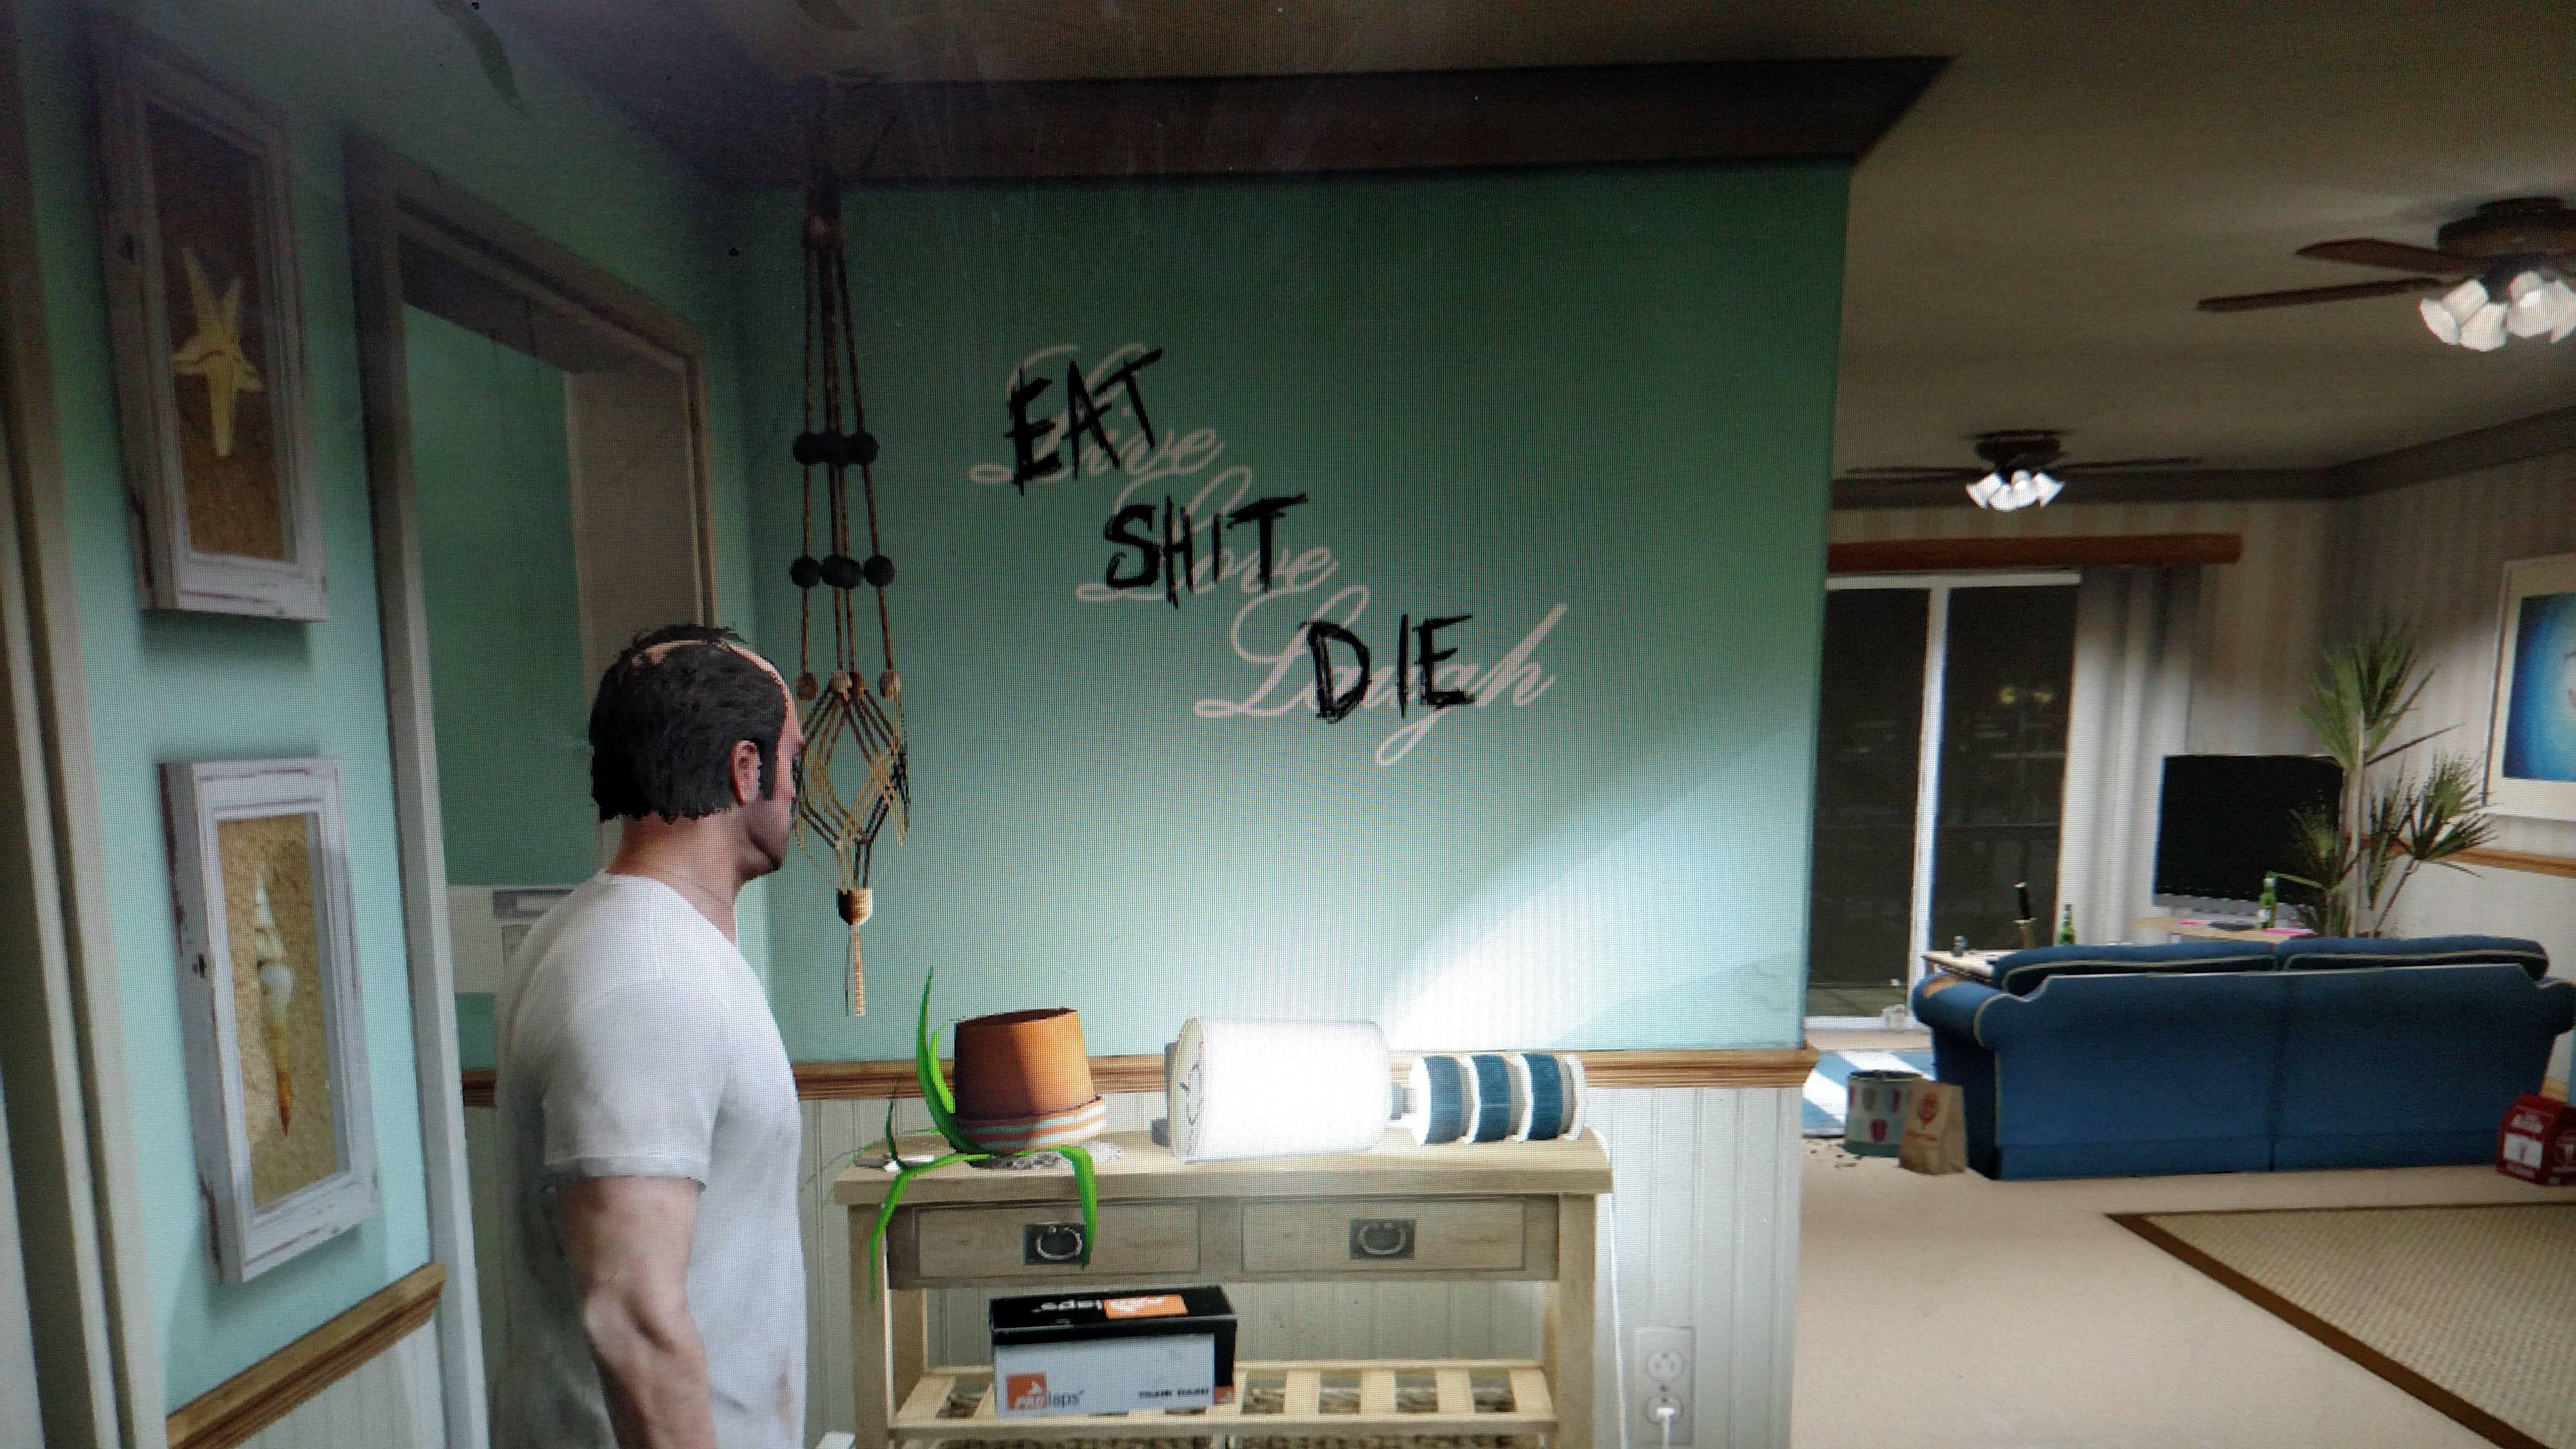 Eat shit die